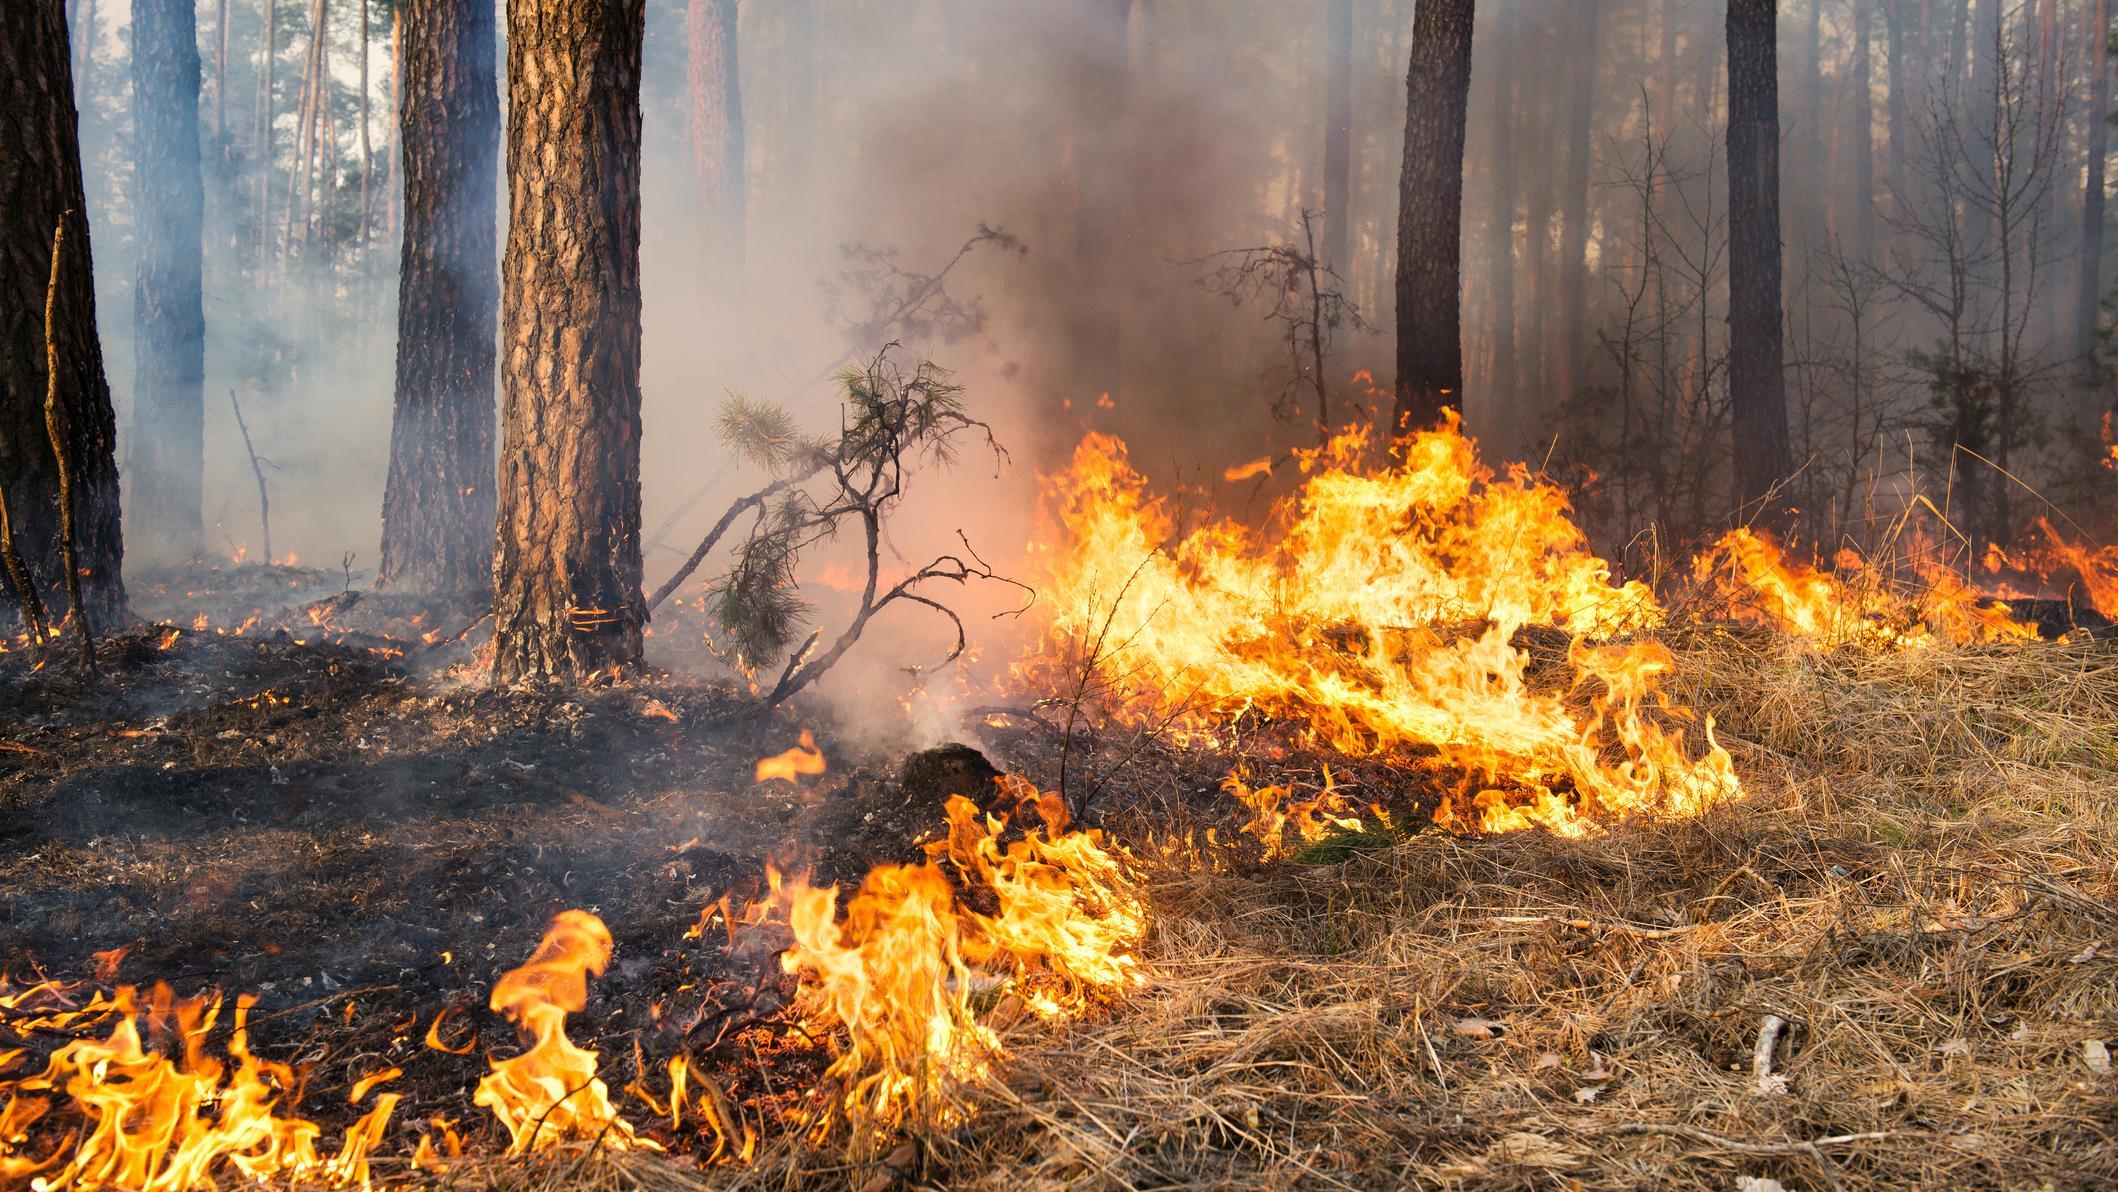 Finnish Fire